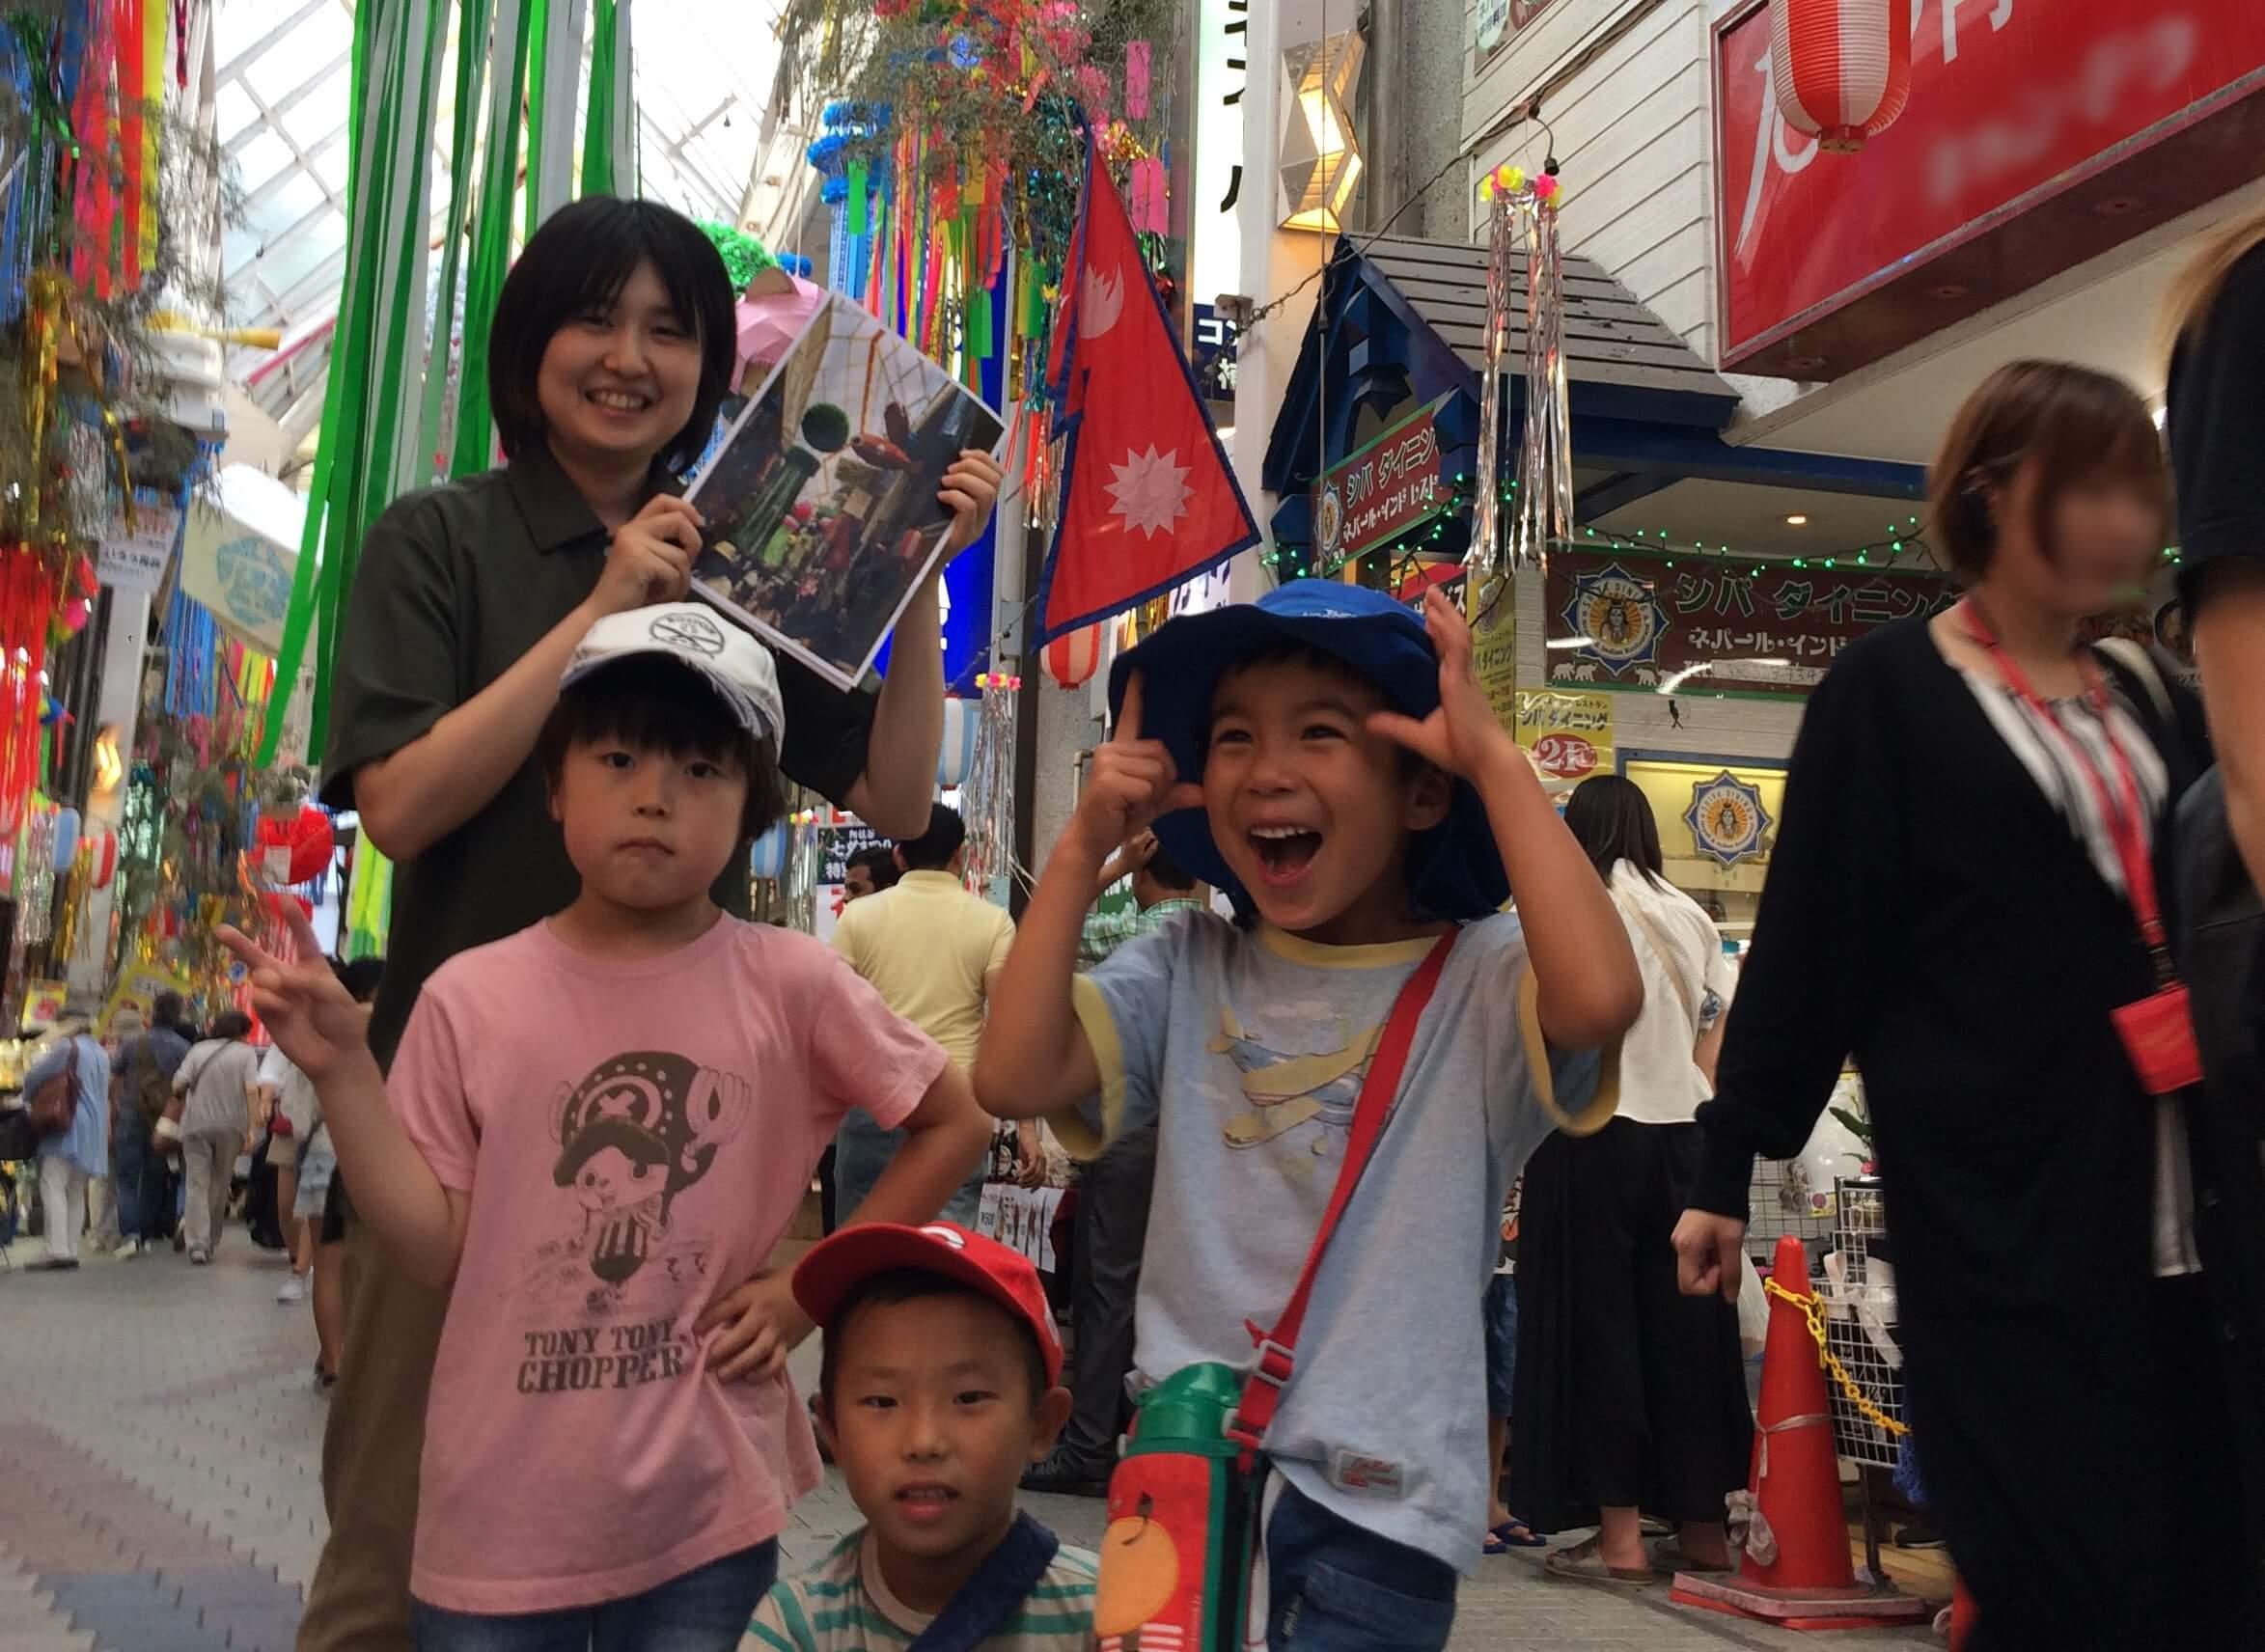 ハリボテの前で記念撮影する職員と子どもたち